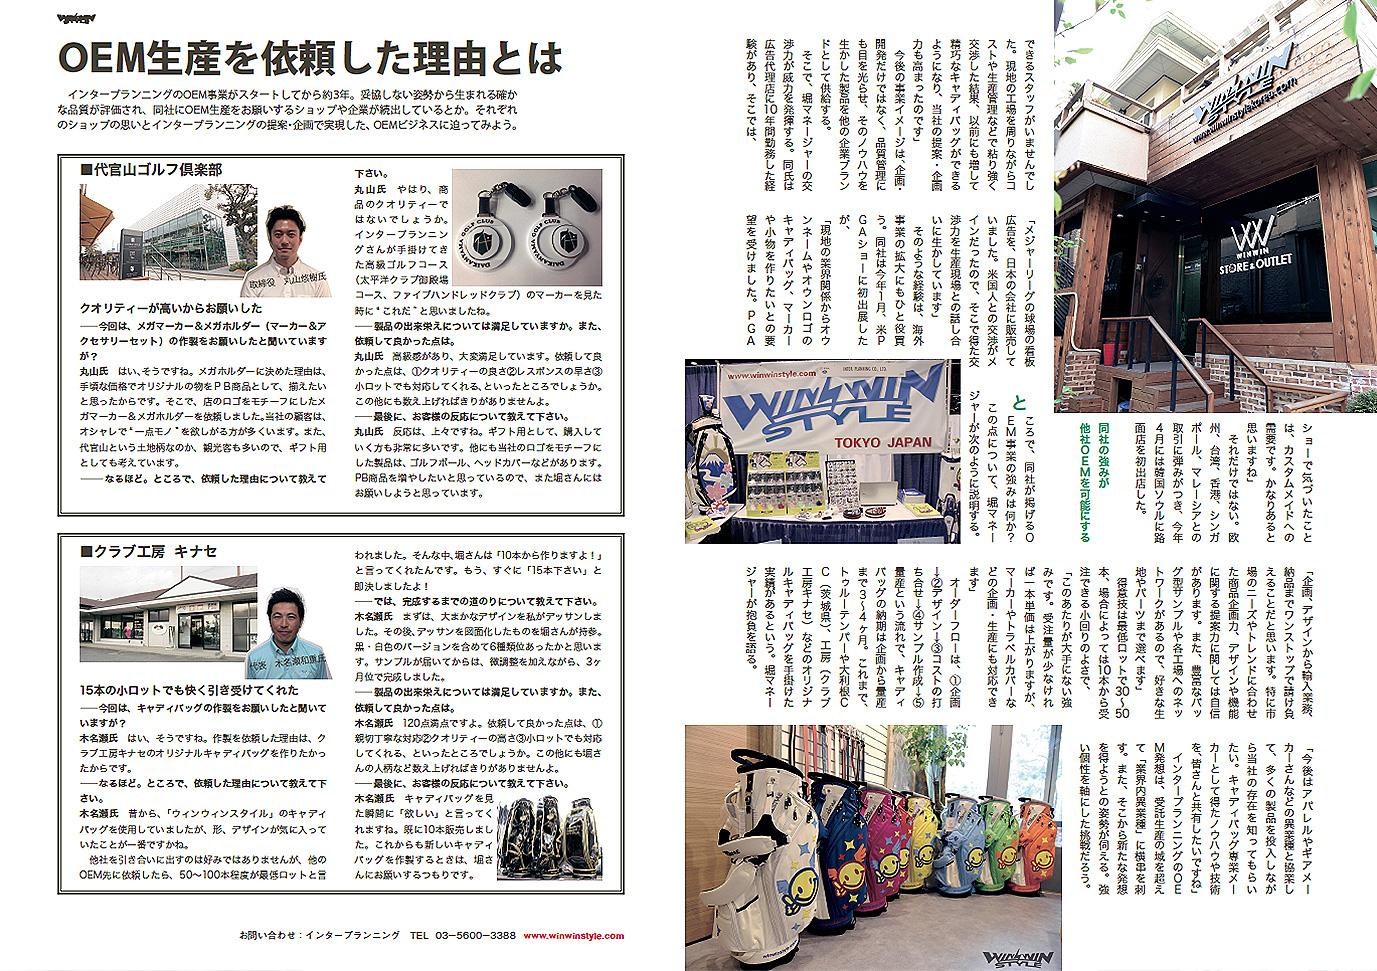 「ゴルフ用品界 GEW」2014.6月号掲載